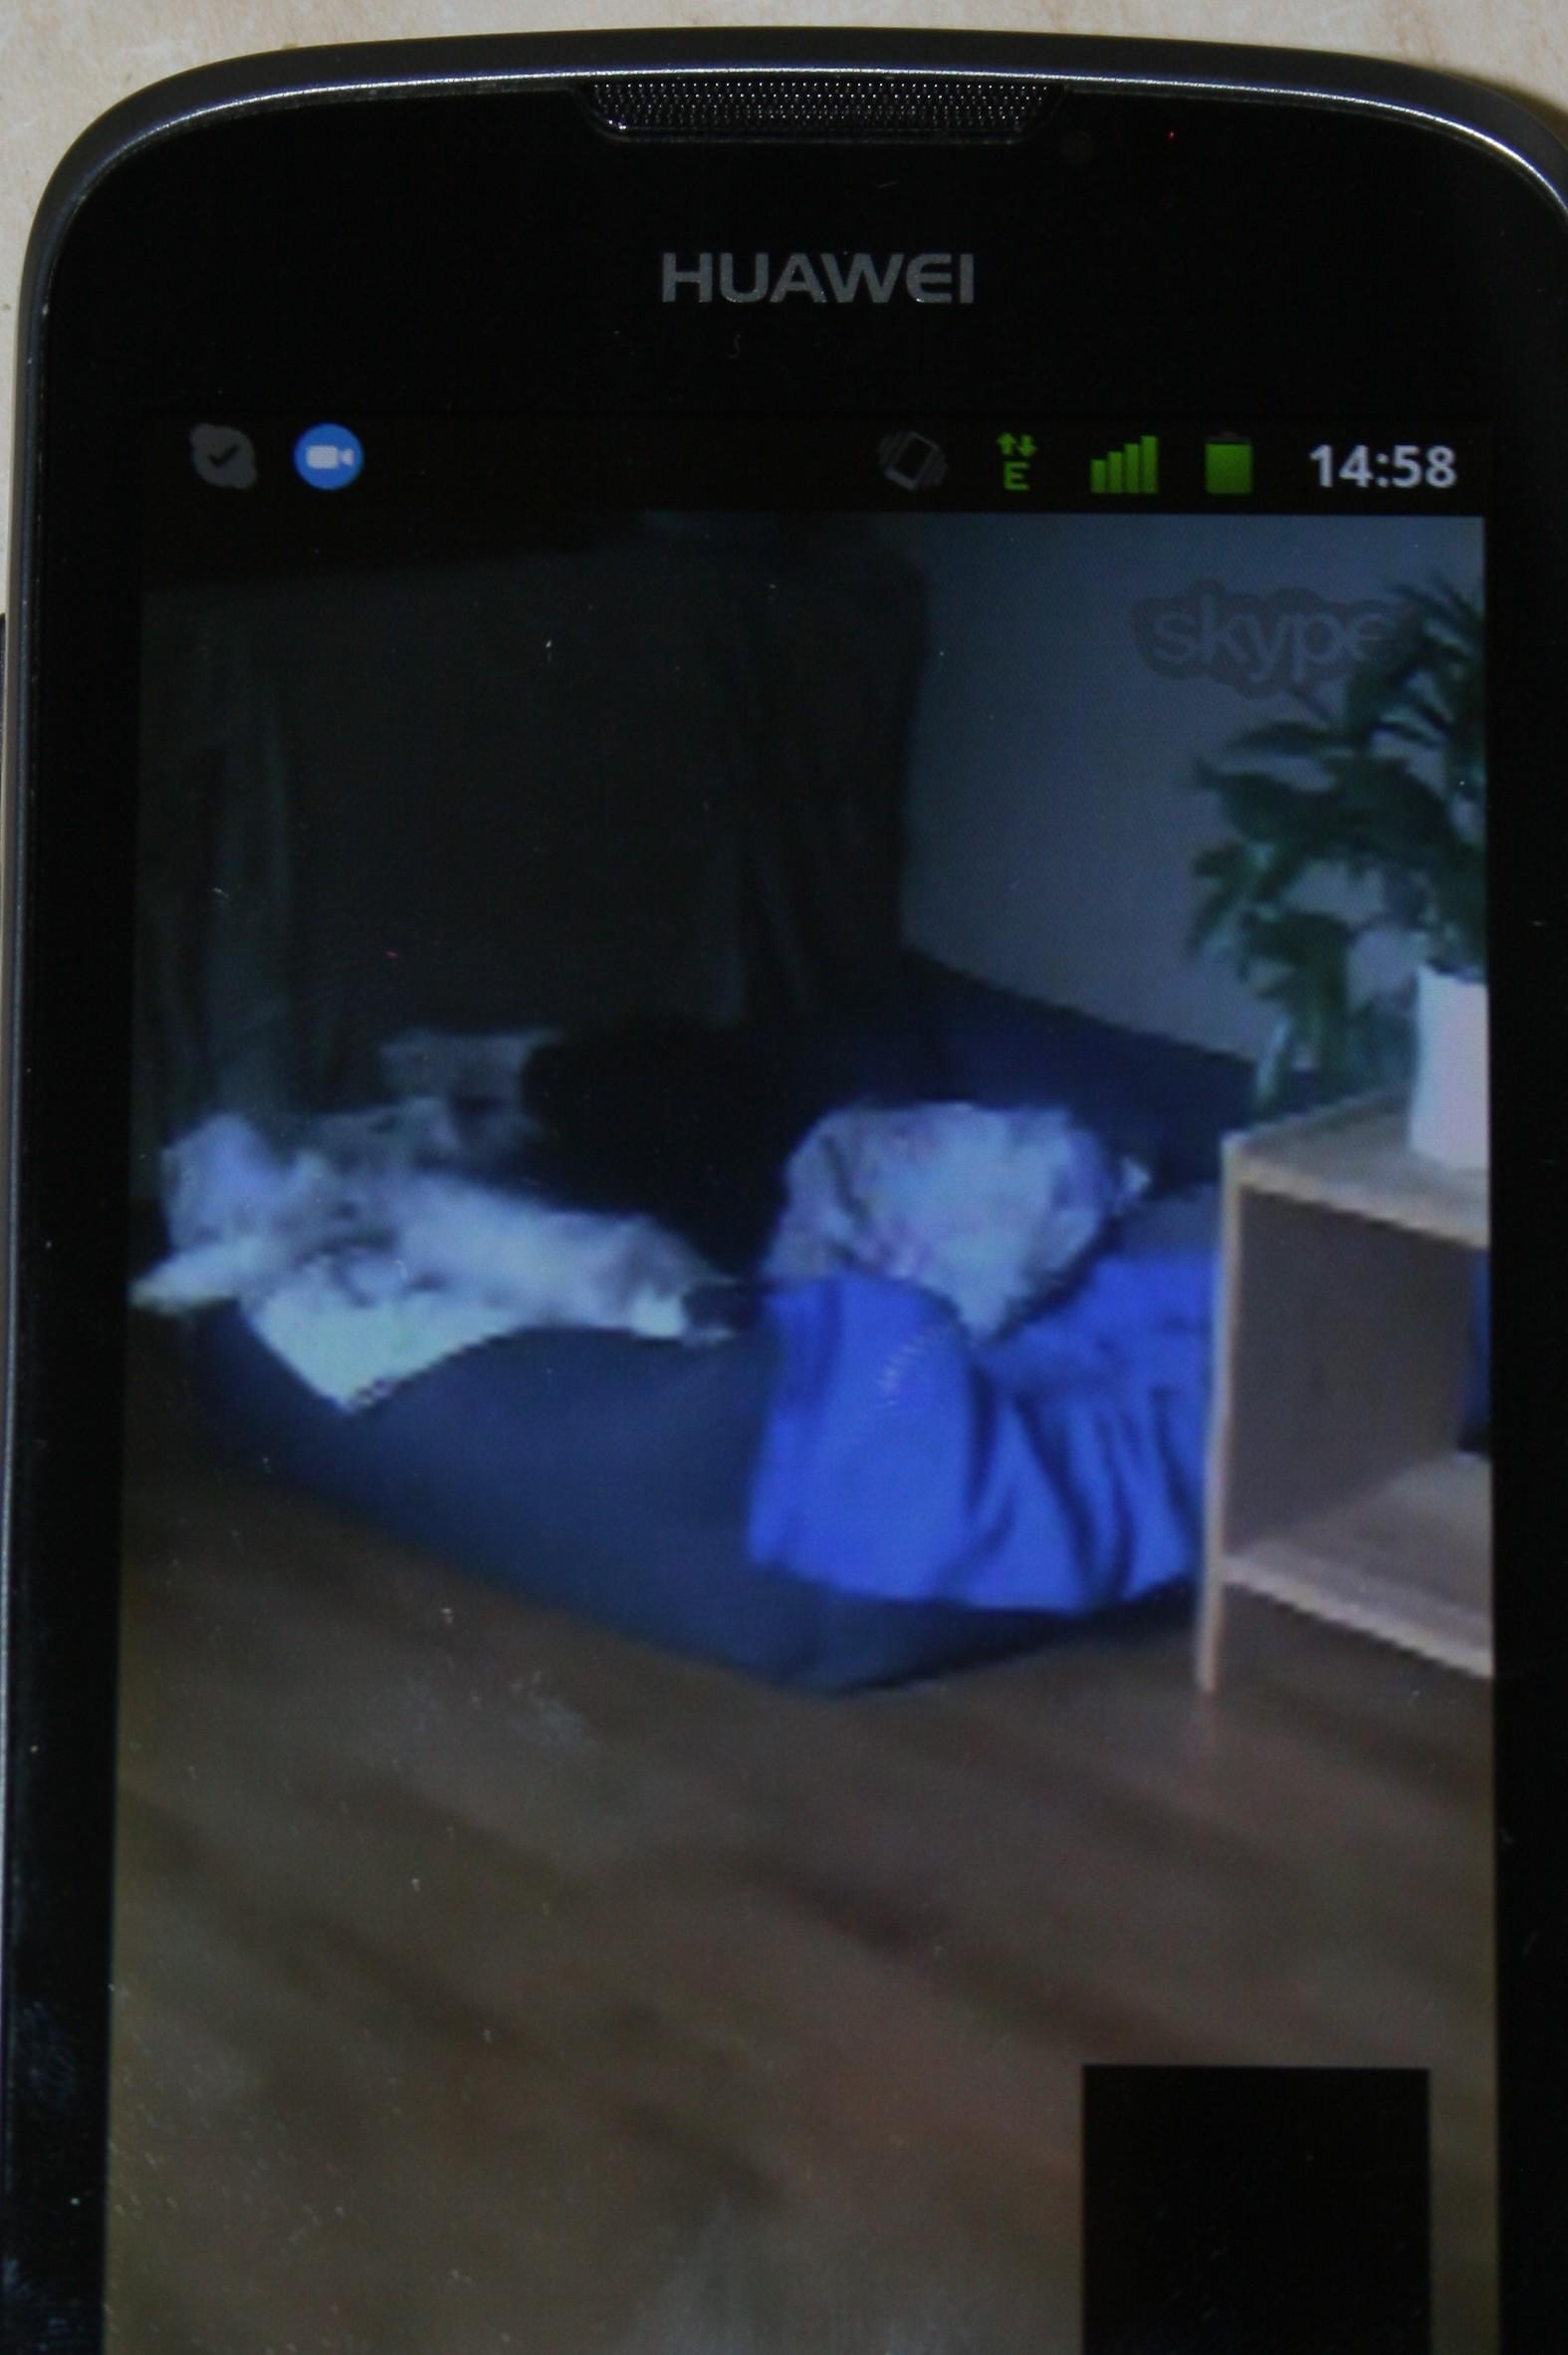 Überwachung eines Sitterhundes per Handy. Man erkennt nicht immer viele Details, aber zumindest ein entspannt liegender Hund ist in dem Fall sichtbar :-)